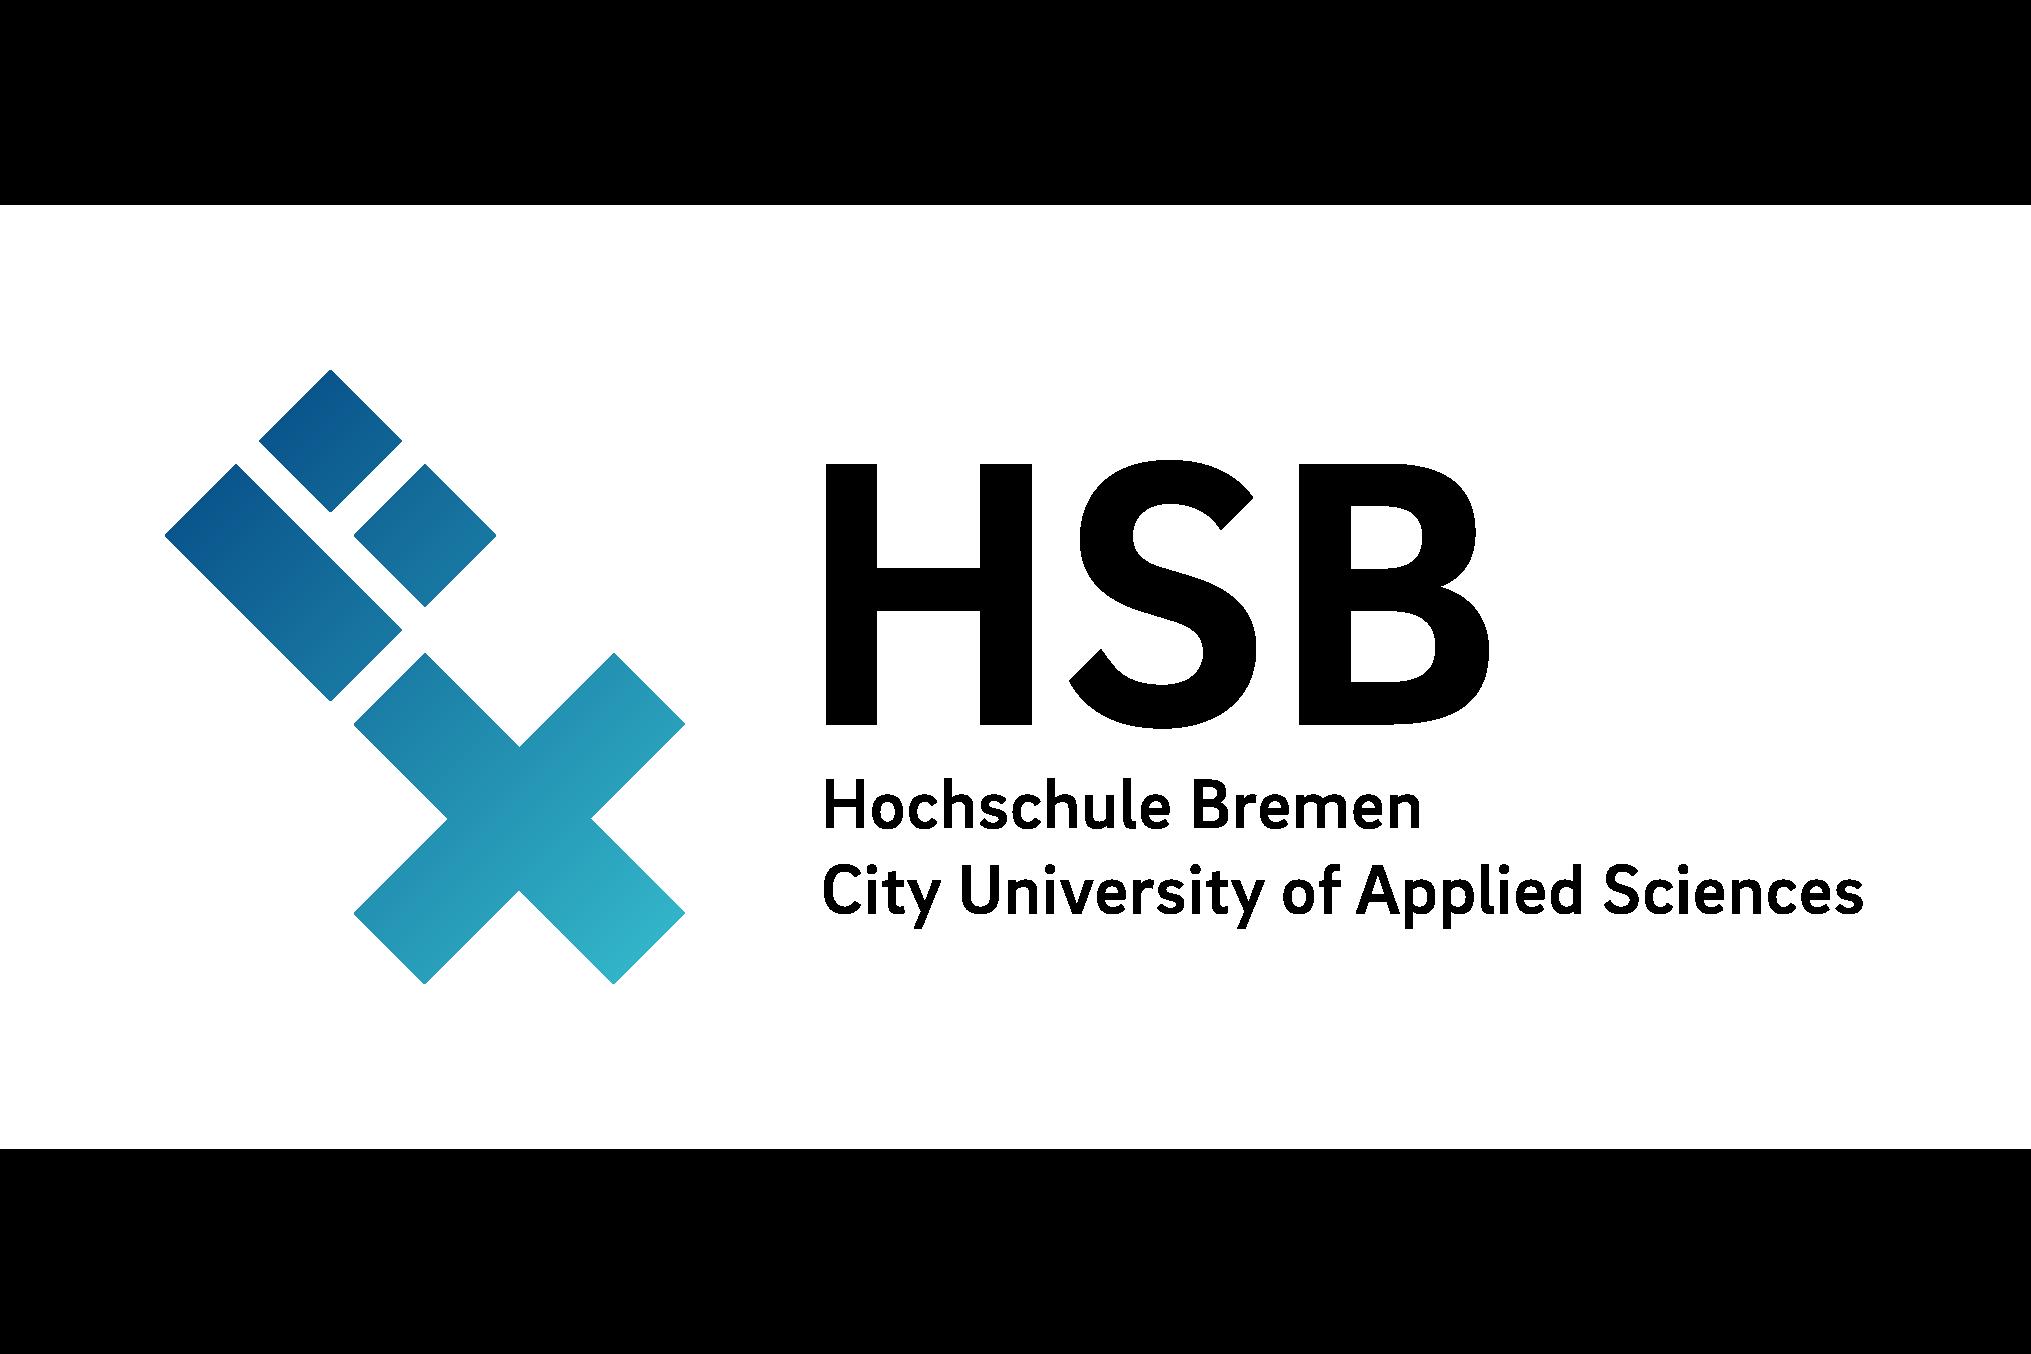 Auf dem Bild ist das Logo der Hochschule Bremen zu sehen.